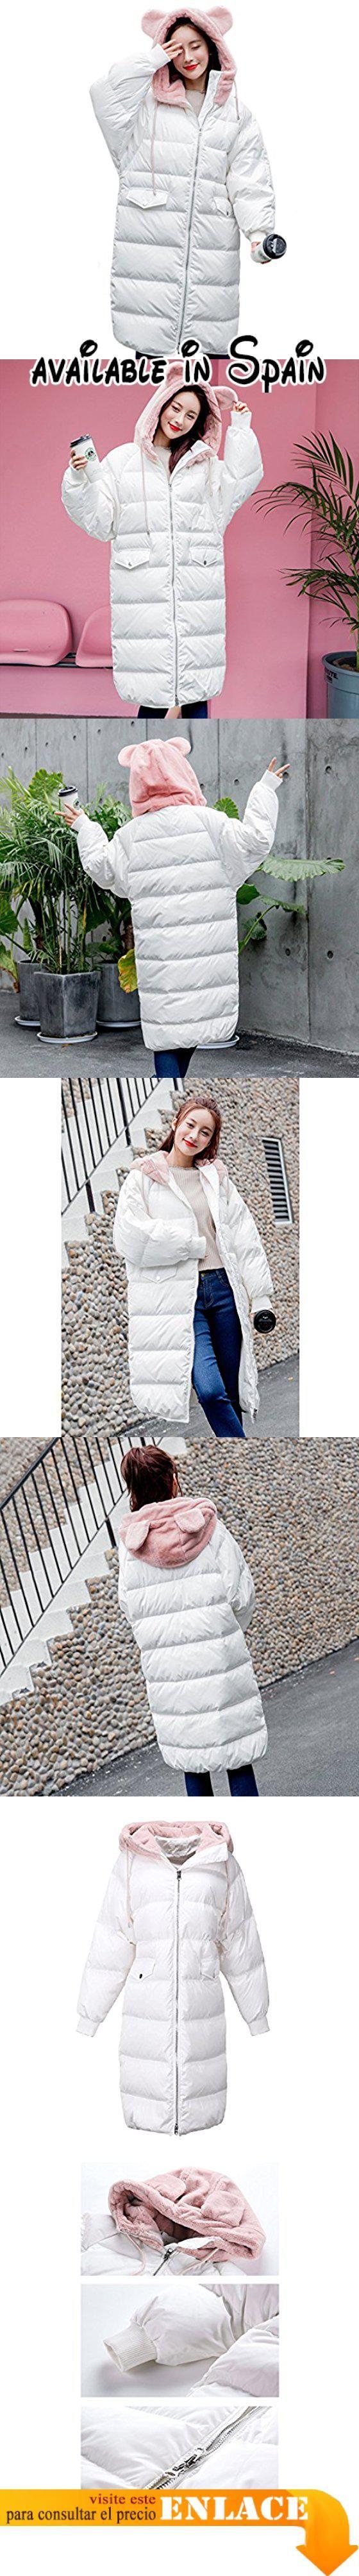 B07855J35H : TSINYG Abrigo largo con capucha suelta de moda de invierno grueso cálido de las mujeres ( Color : Blanco  Tamaño : XL ). El uso de telas de alta calidad mano de obra exquisita cómodo de llevar.. Calor a prueba de viento alto esponjoso ligero.. Sombrero único suave y suave dulce y encantador.. El diseño de moda te hace destacar en cualquier multitud.. Generalmente enviamos en 1-3 días y entrega en 9-15 días.